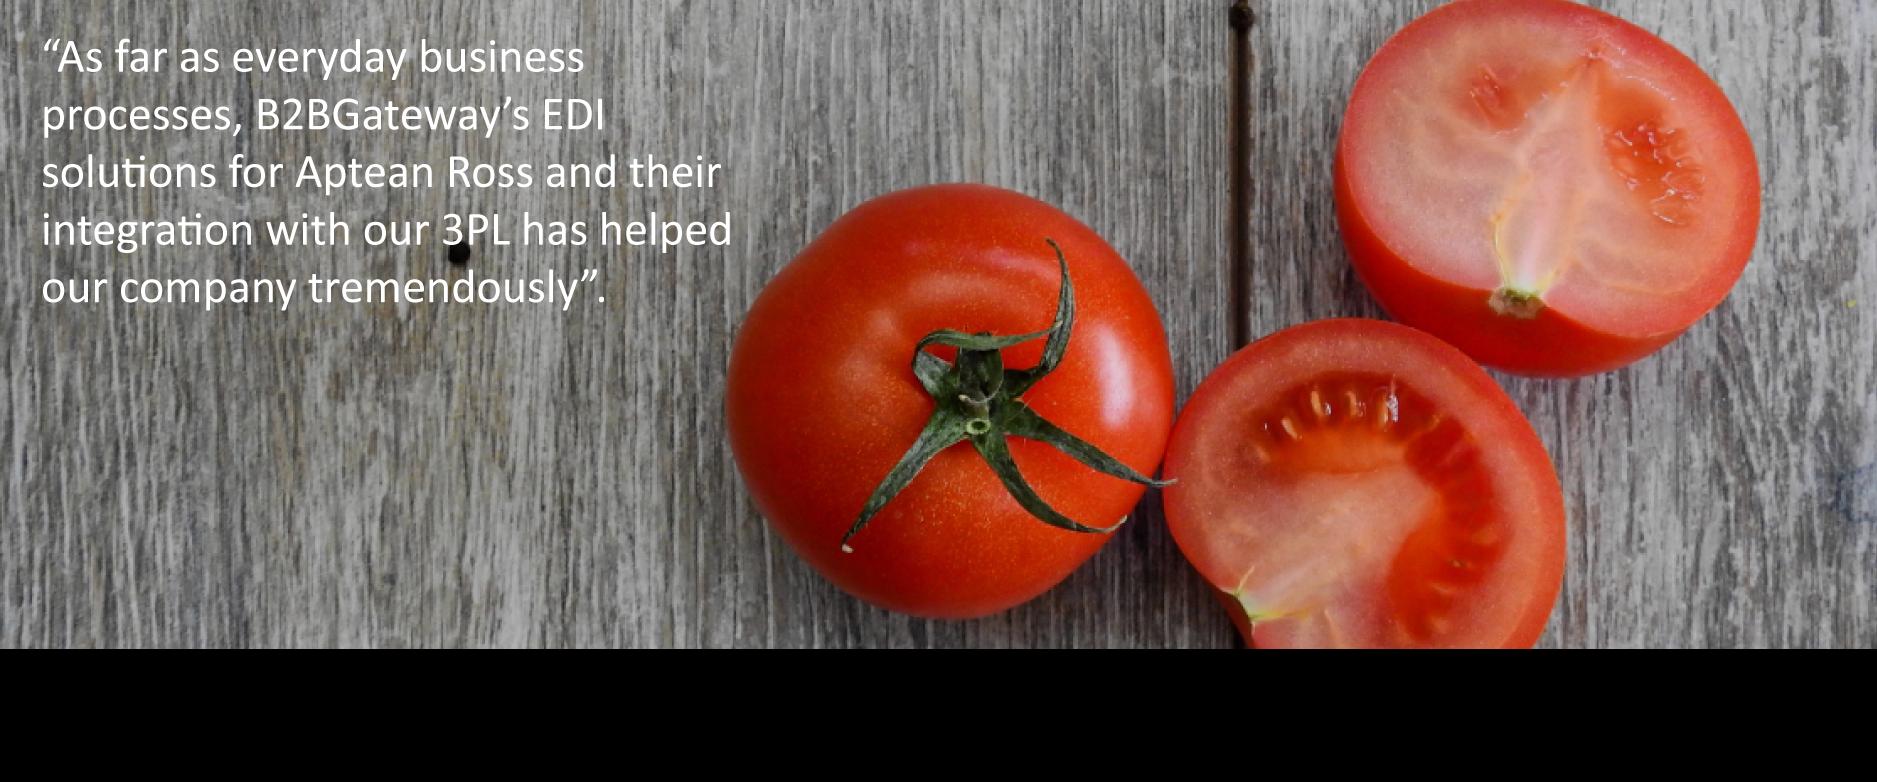 Paradise-tomato-Case-Study-Slider-Image